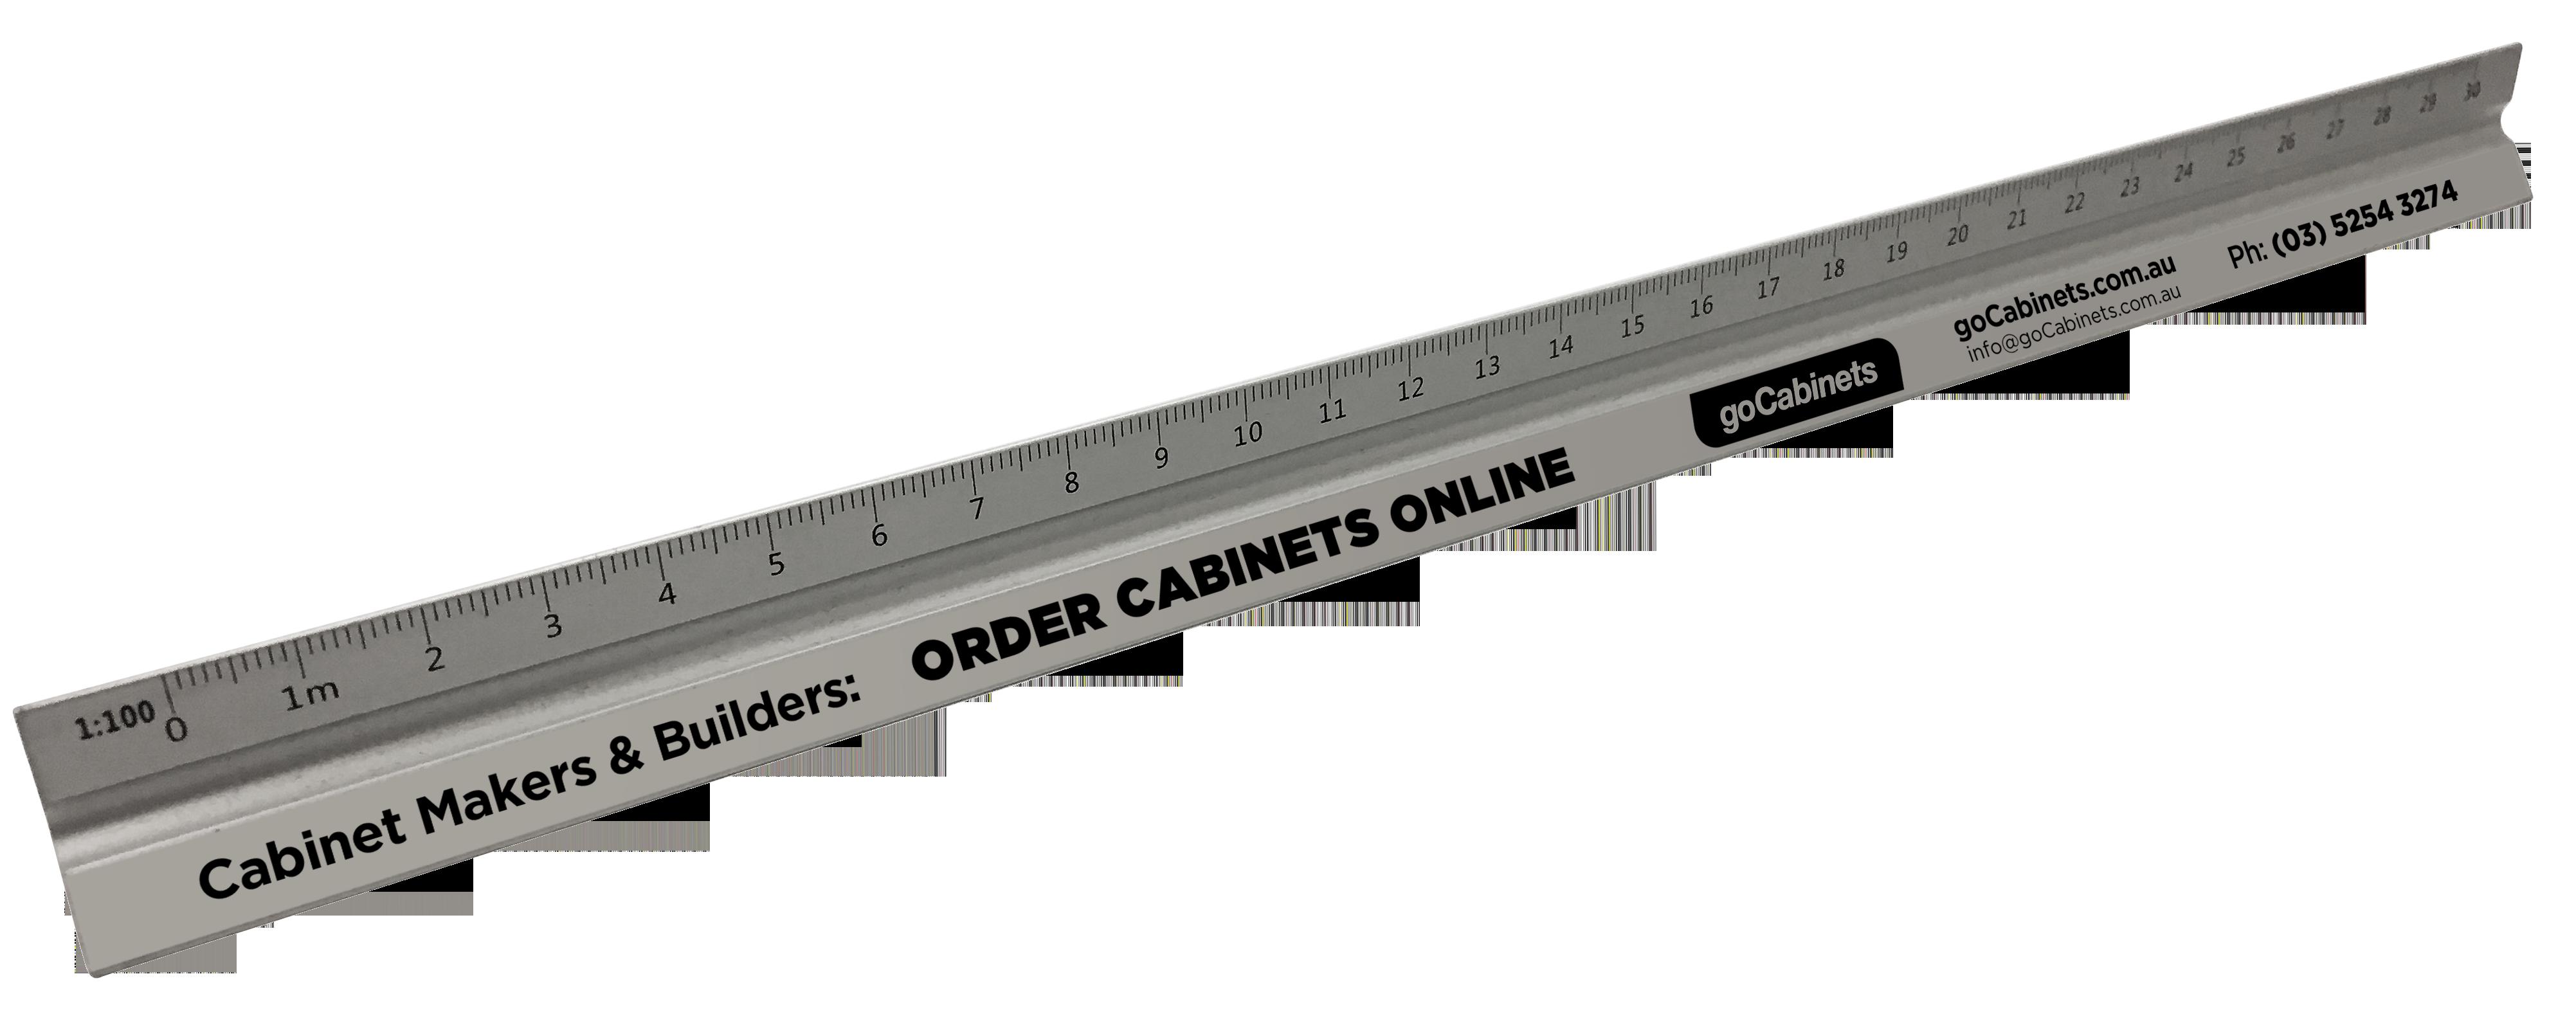 goCabinets ruler